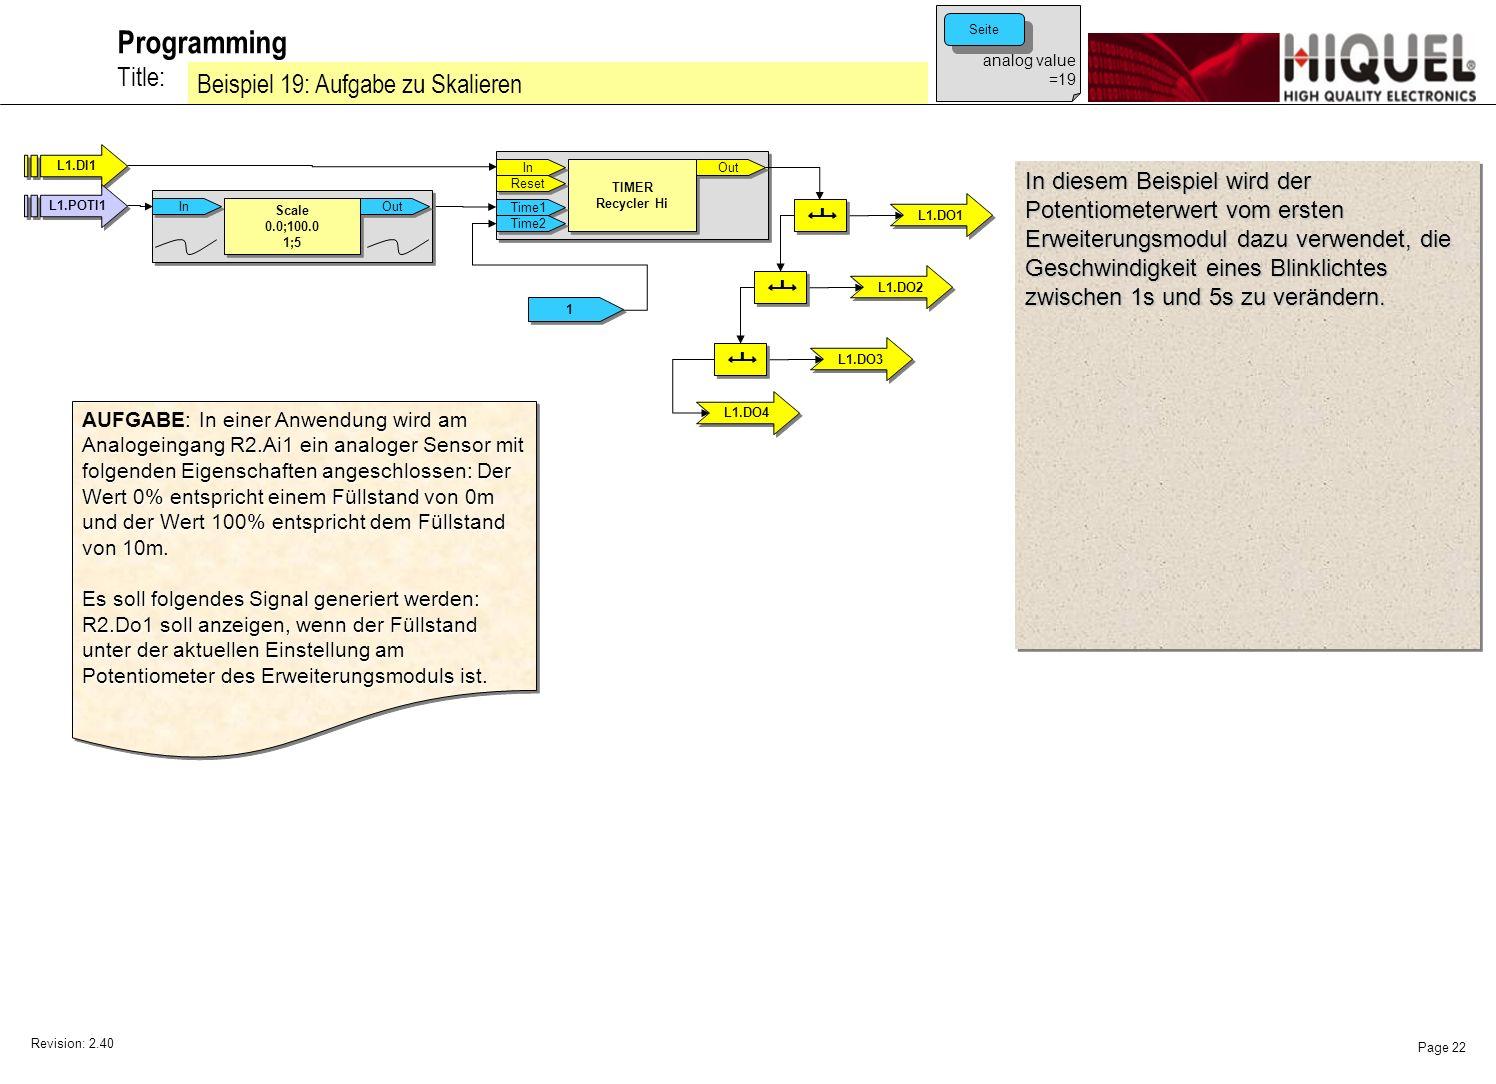 Revision: 2.40 Page 22 Title: Programming Beispiel 19: Aufgabe zu Skalieren In diesem Beispiel wird der Potentiometerwert vom ersten Erweiterungsmodul dazu verwendet, die Geschwindigkeit eines Blinklichtes zwischen 1s und 5s zu verändern.